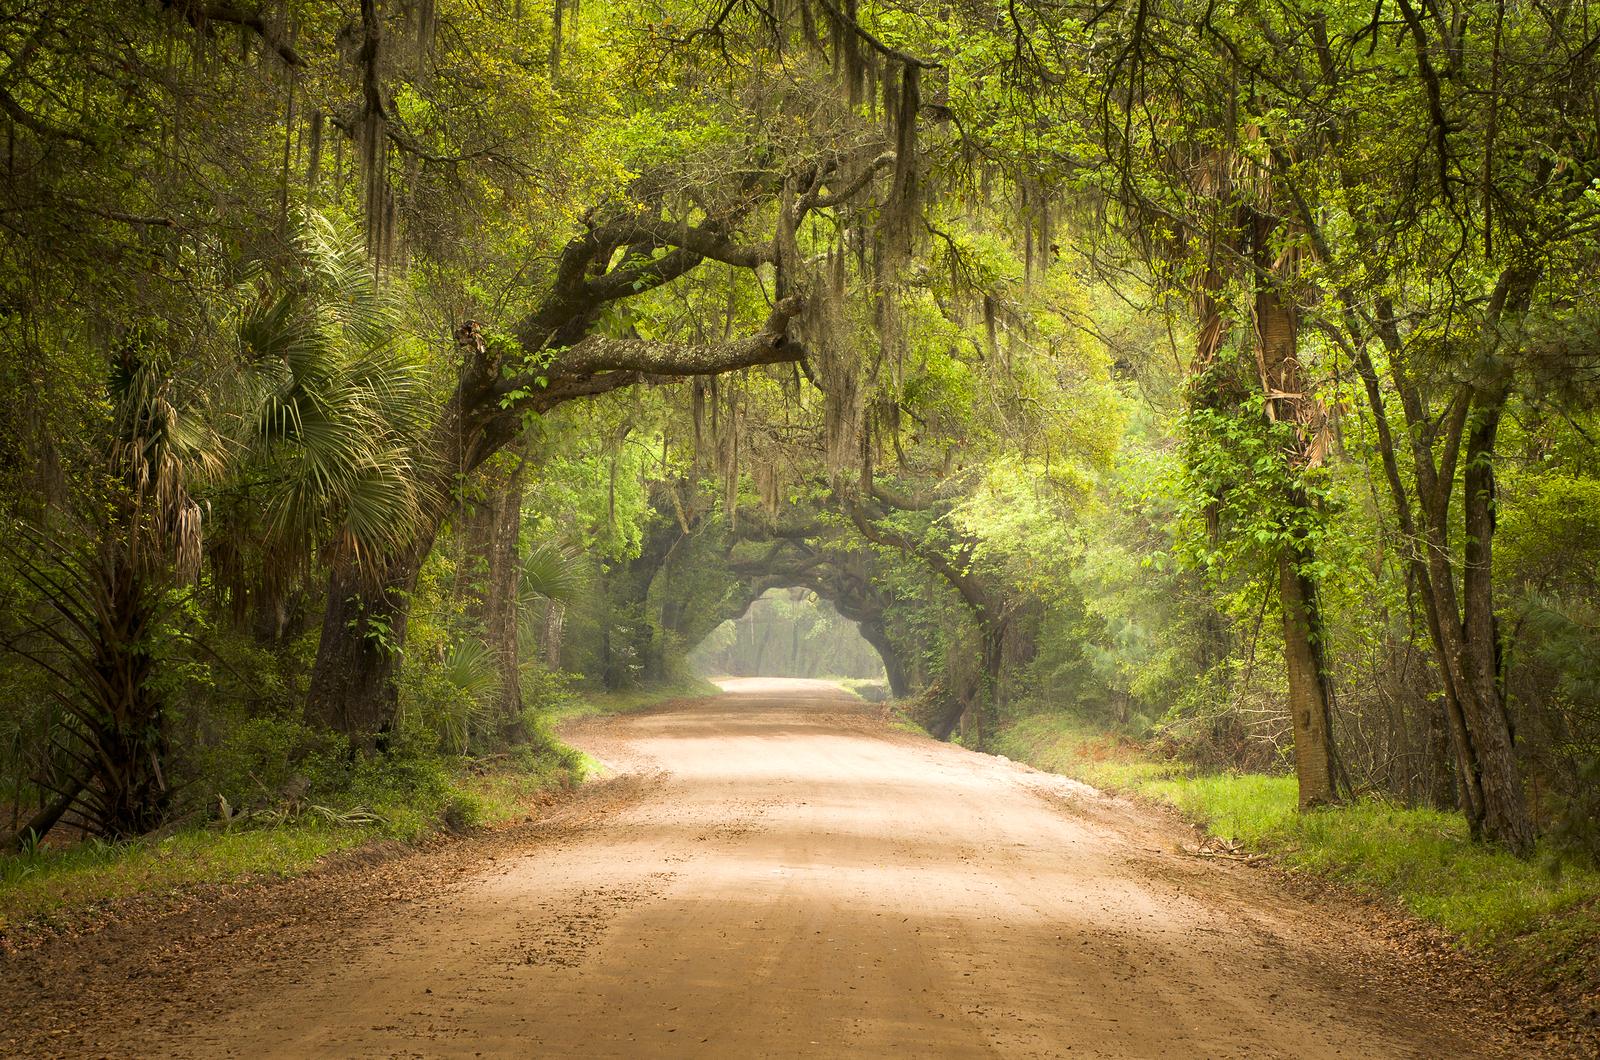 Charleston Sc Dirt Road Forest Botany Bay Plantati by macinivnw on 1600x1060